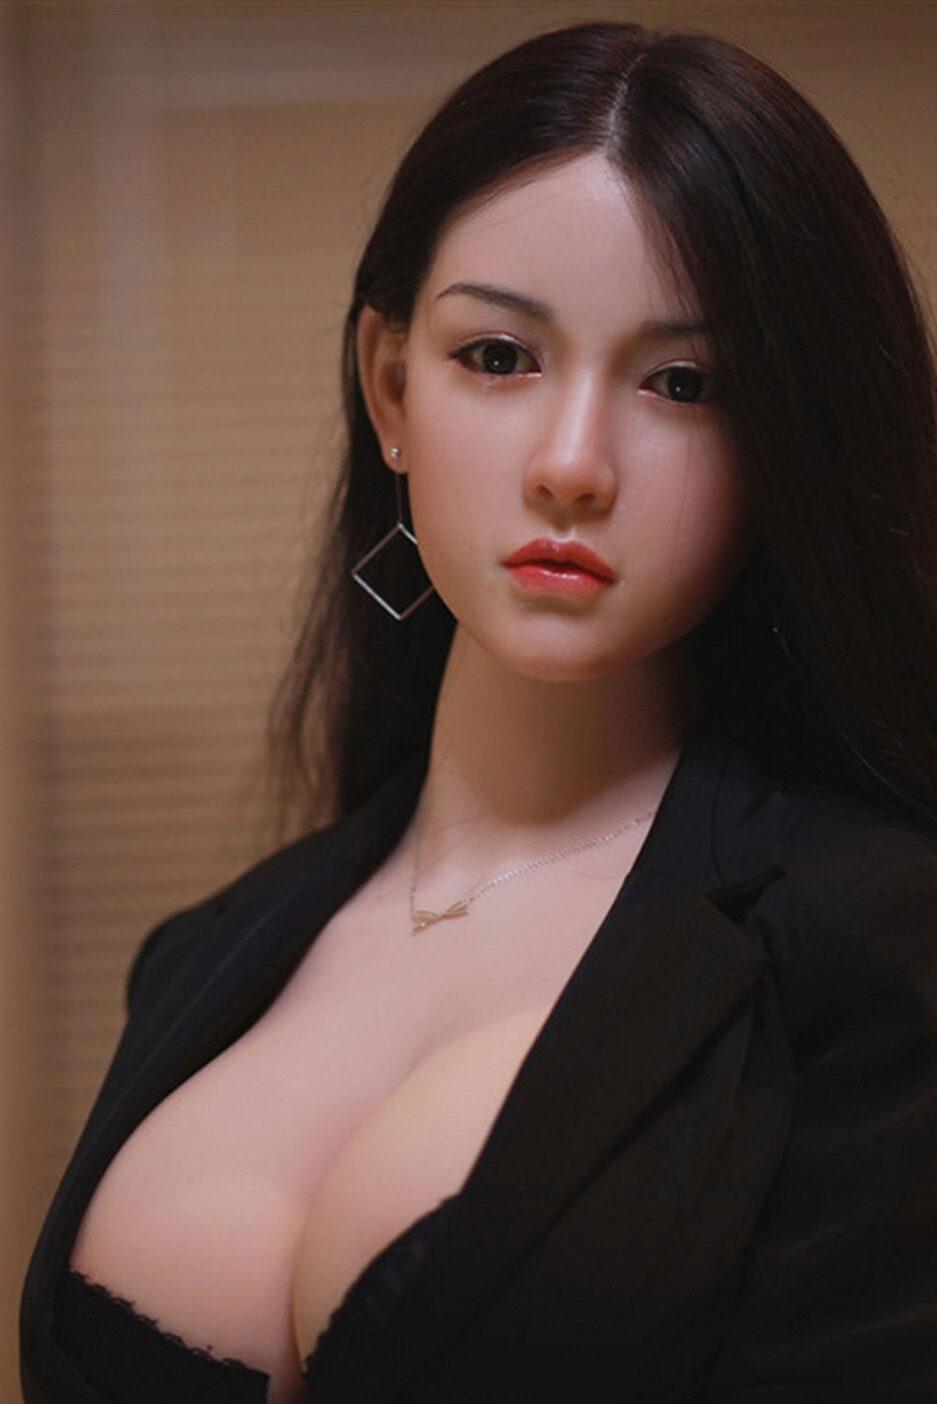 Silicone sex doll in black overalls